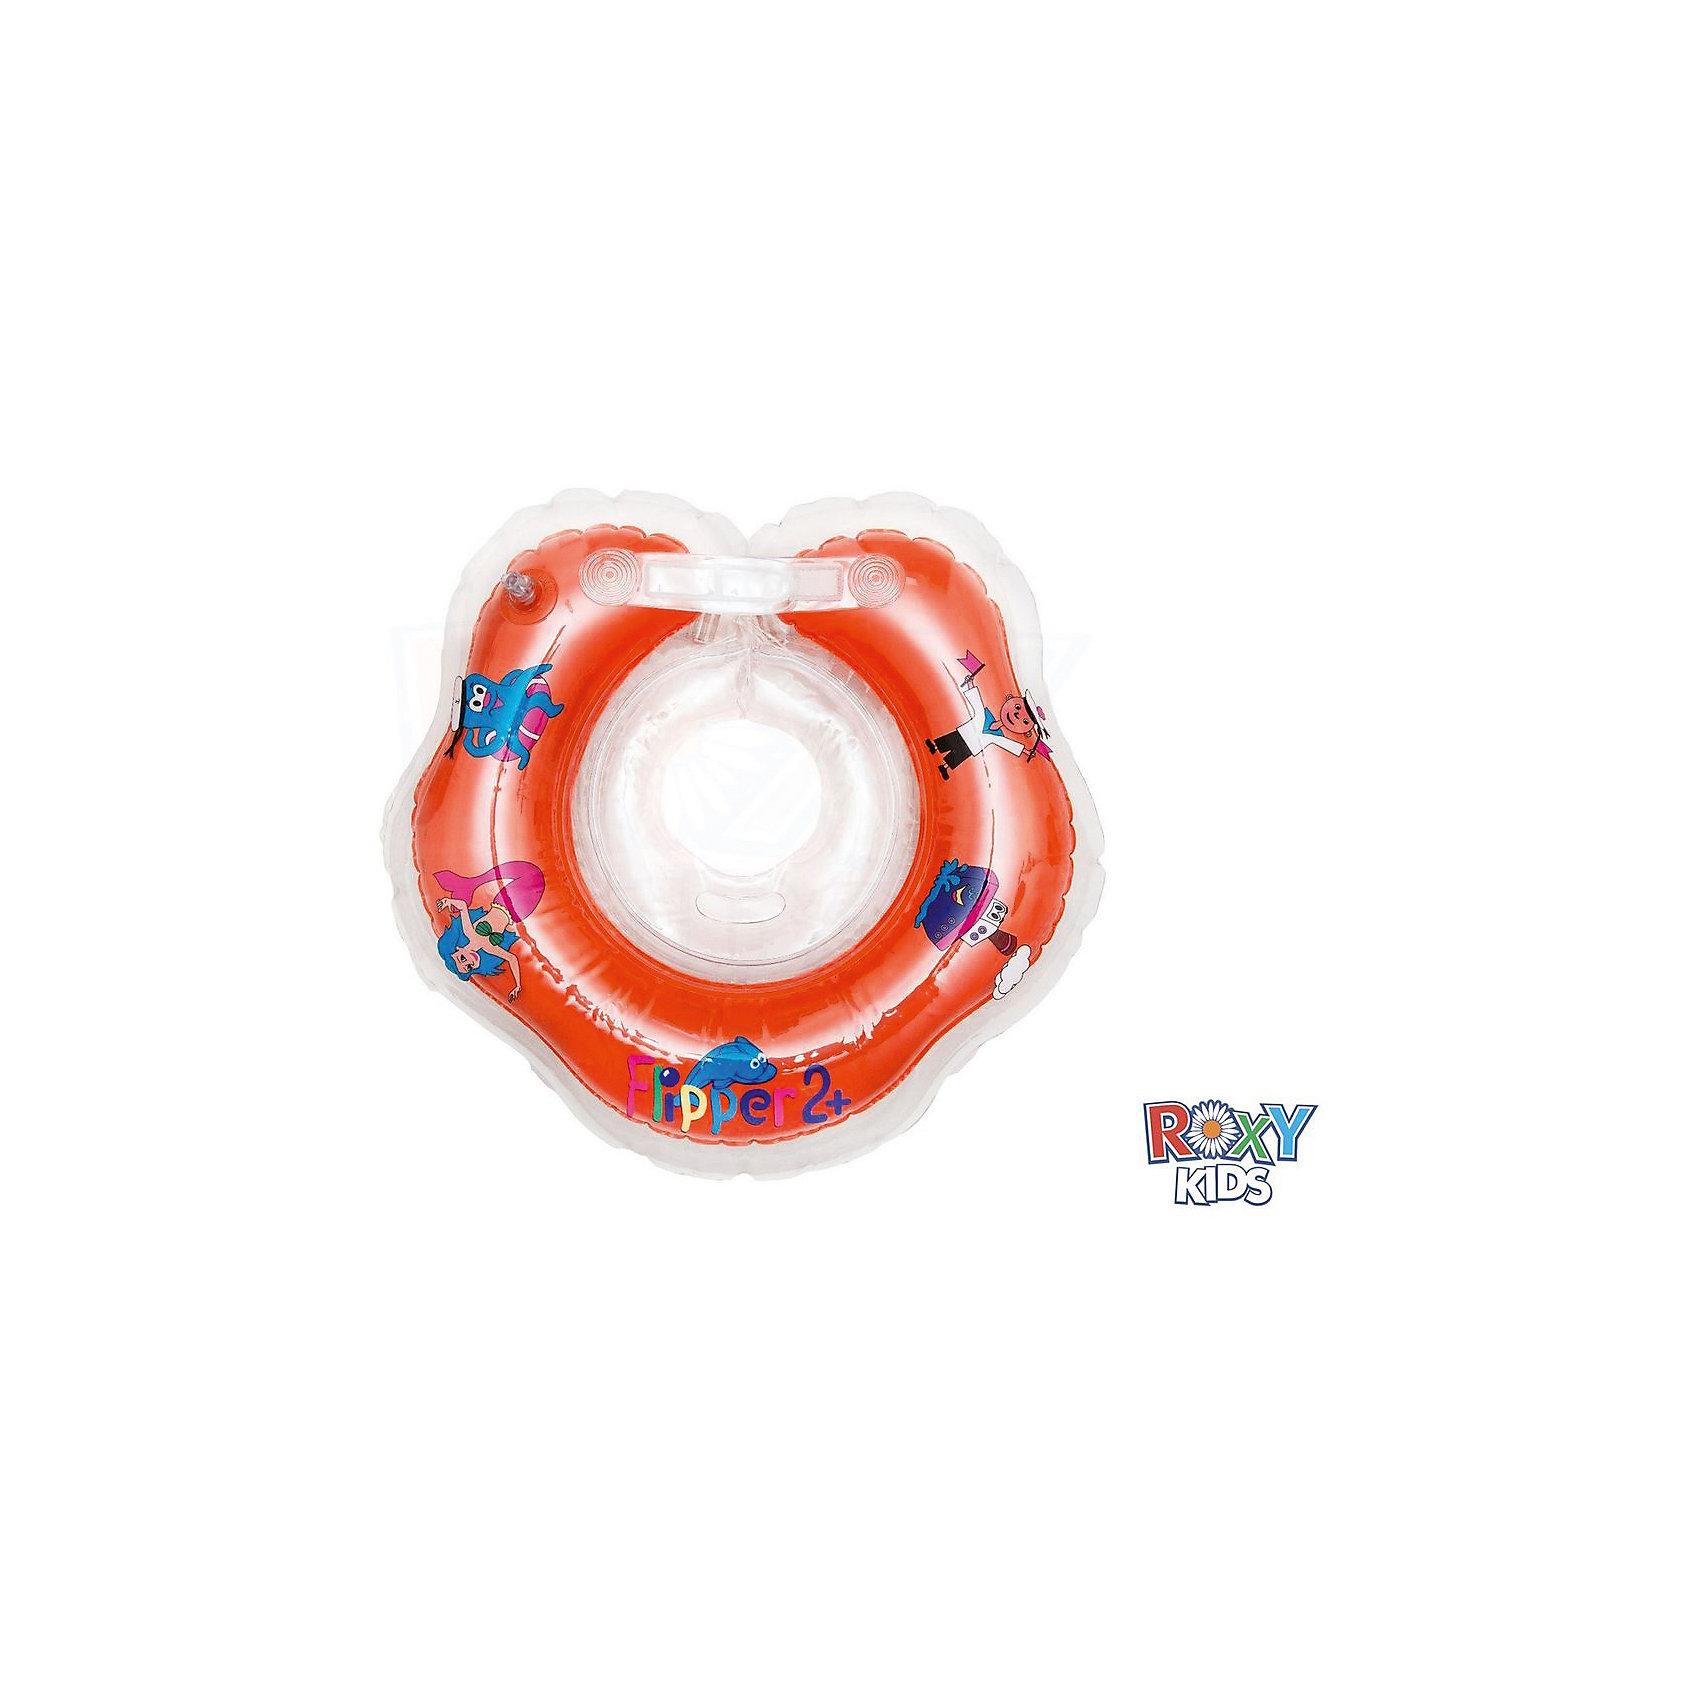 Roxy-Kids Надувной круг на шею Flipper 2+  для купания малышей, Roxy-Kids roxy kids круг музыкальный на шею для купания flipper цвет розовый